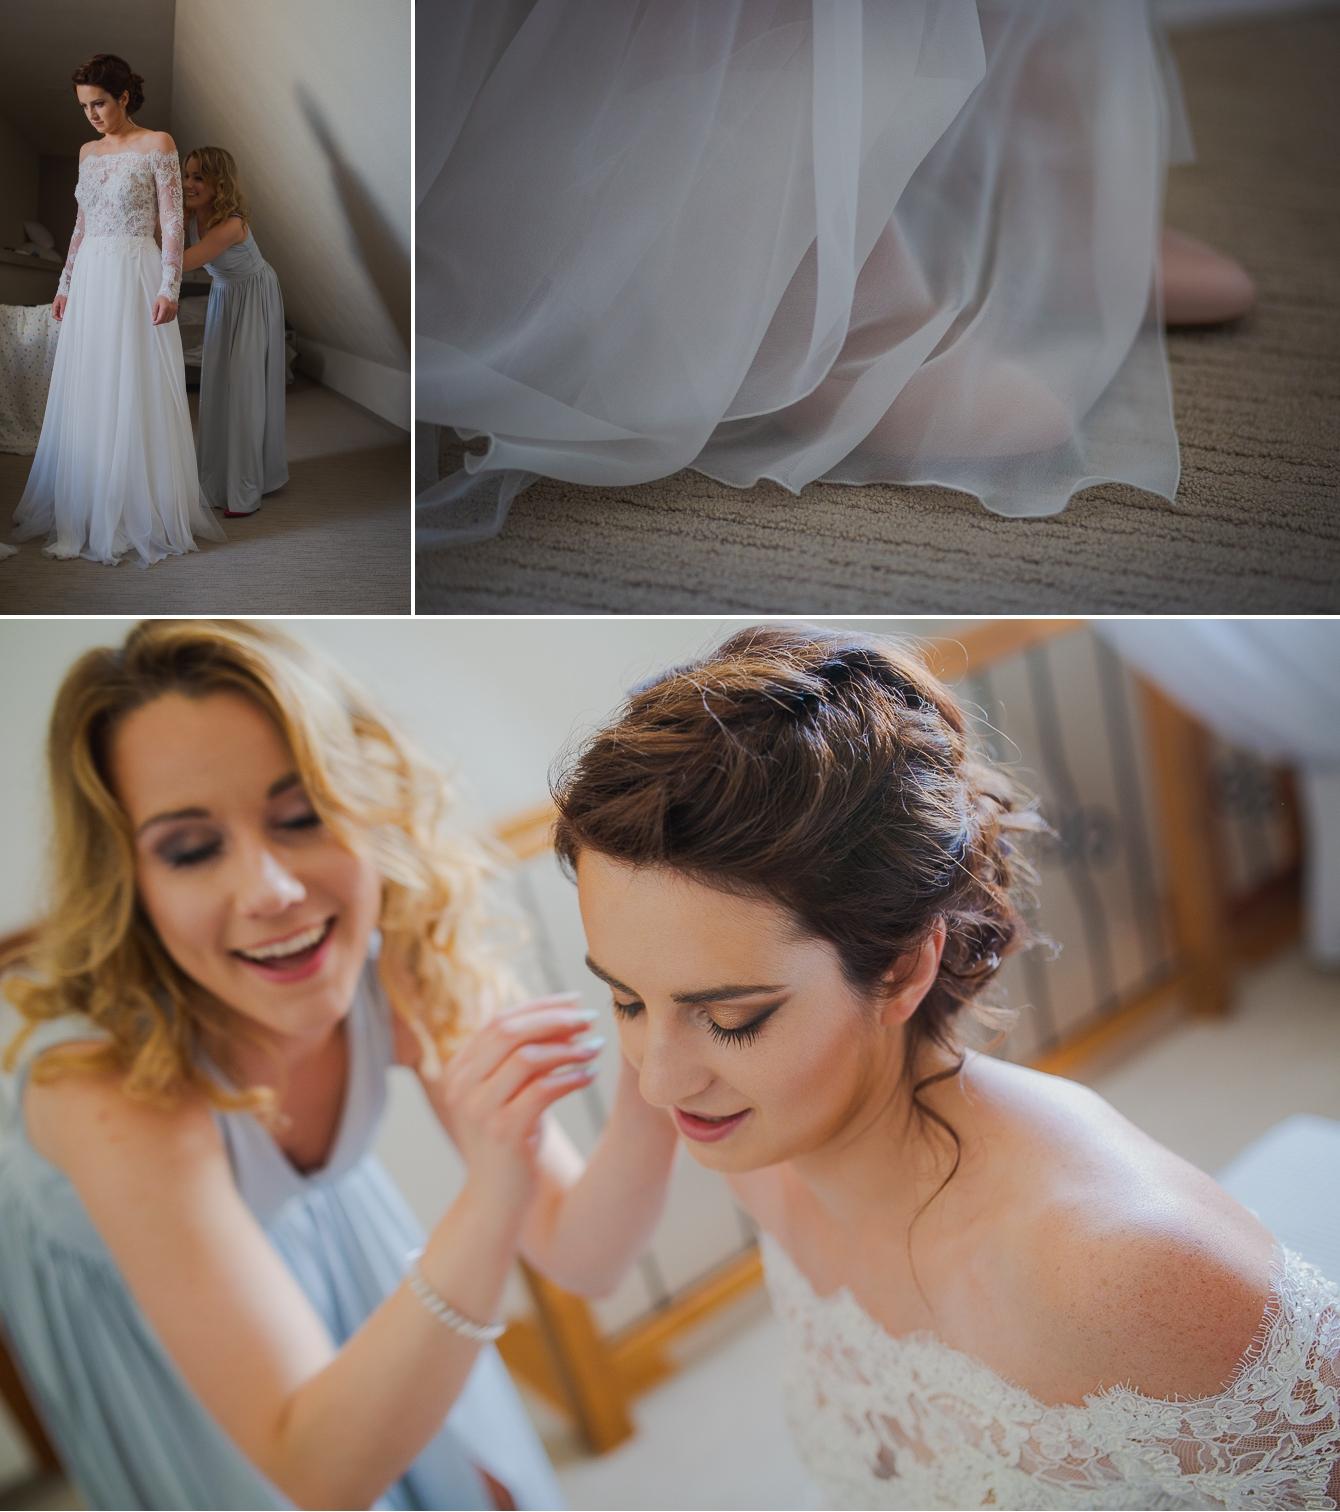 Ania i Damian - ślub w górach - Kocierz SPA - fotografia ślubna - bartek Wyrobek  (2).jpg